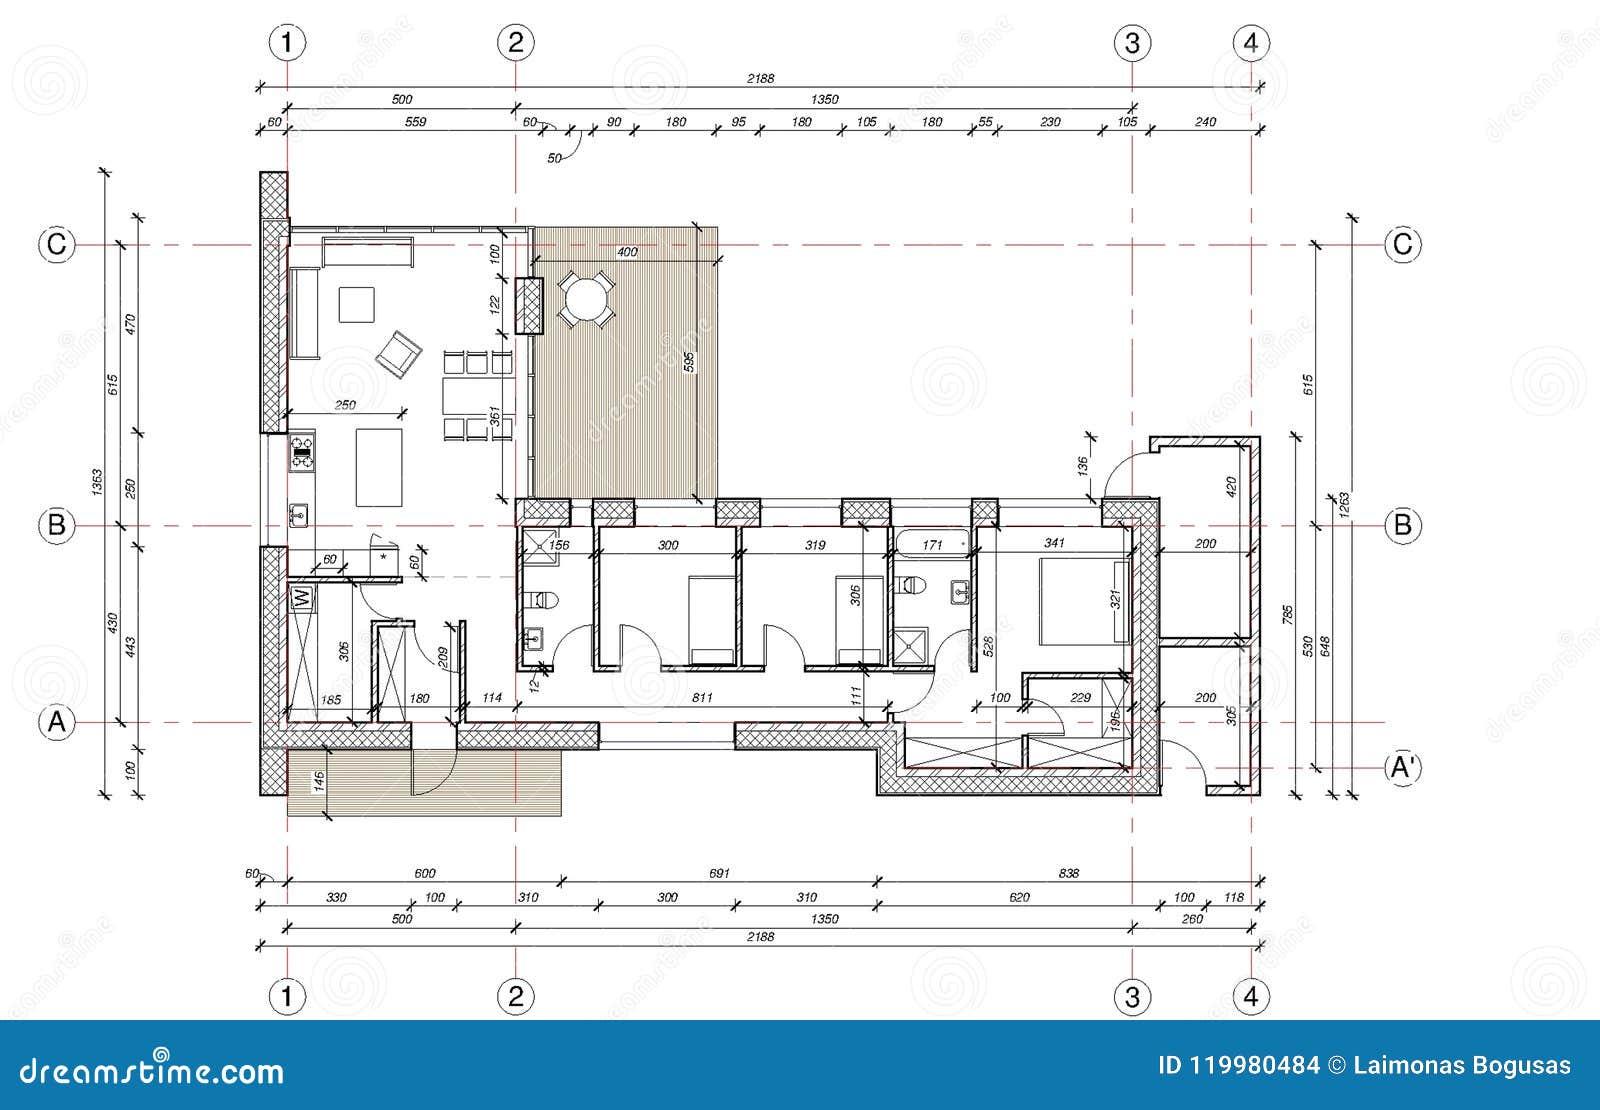 disegno pianta della casa unifamiliare illustrazione